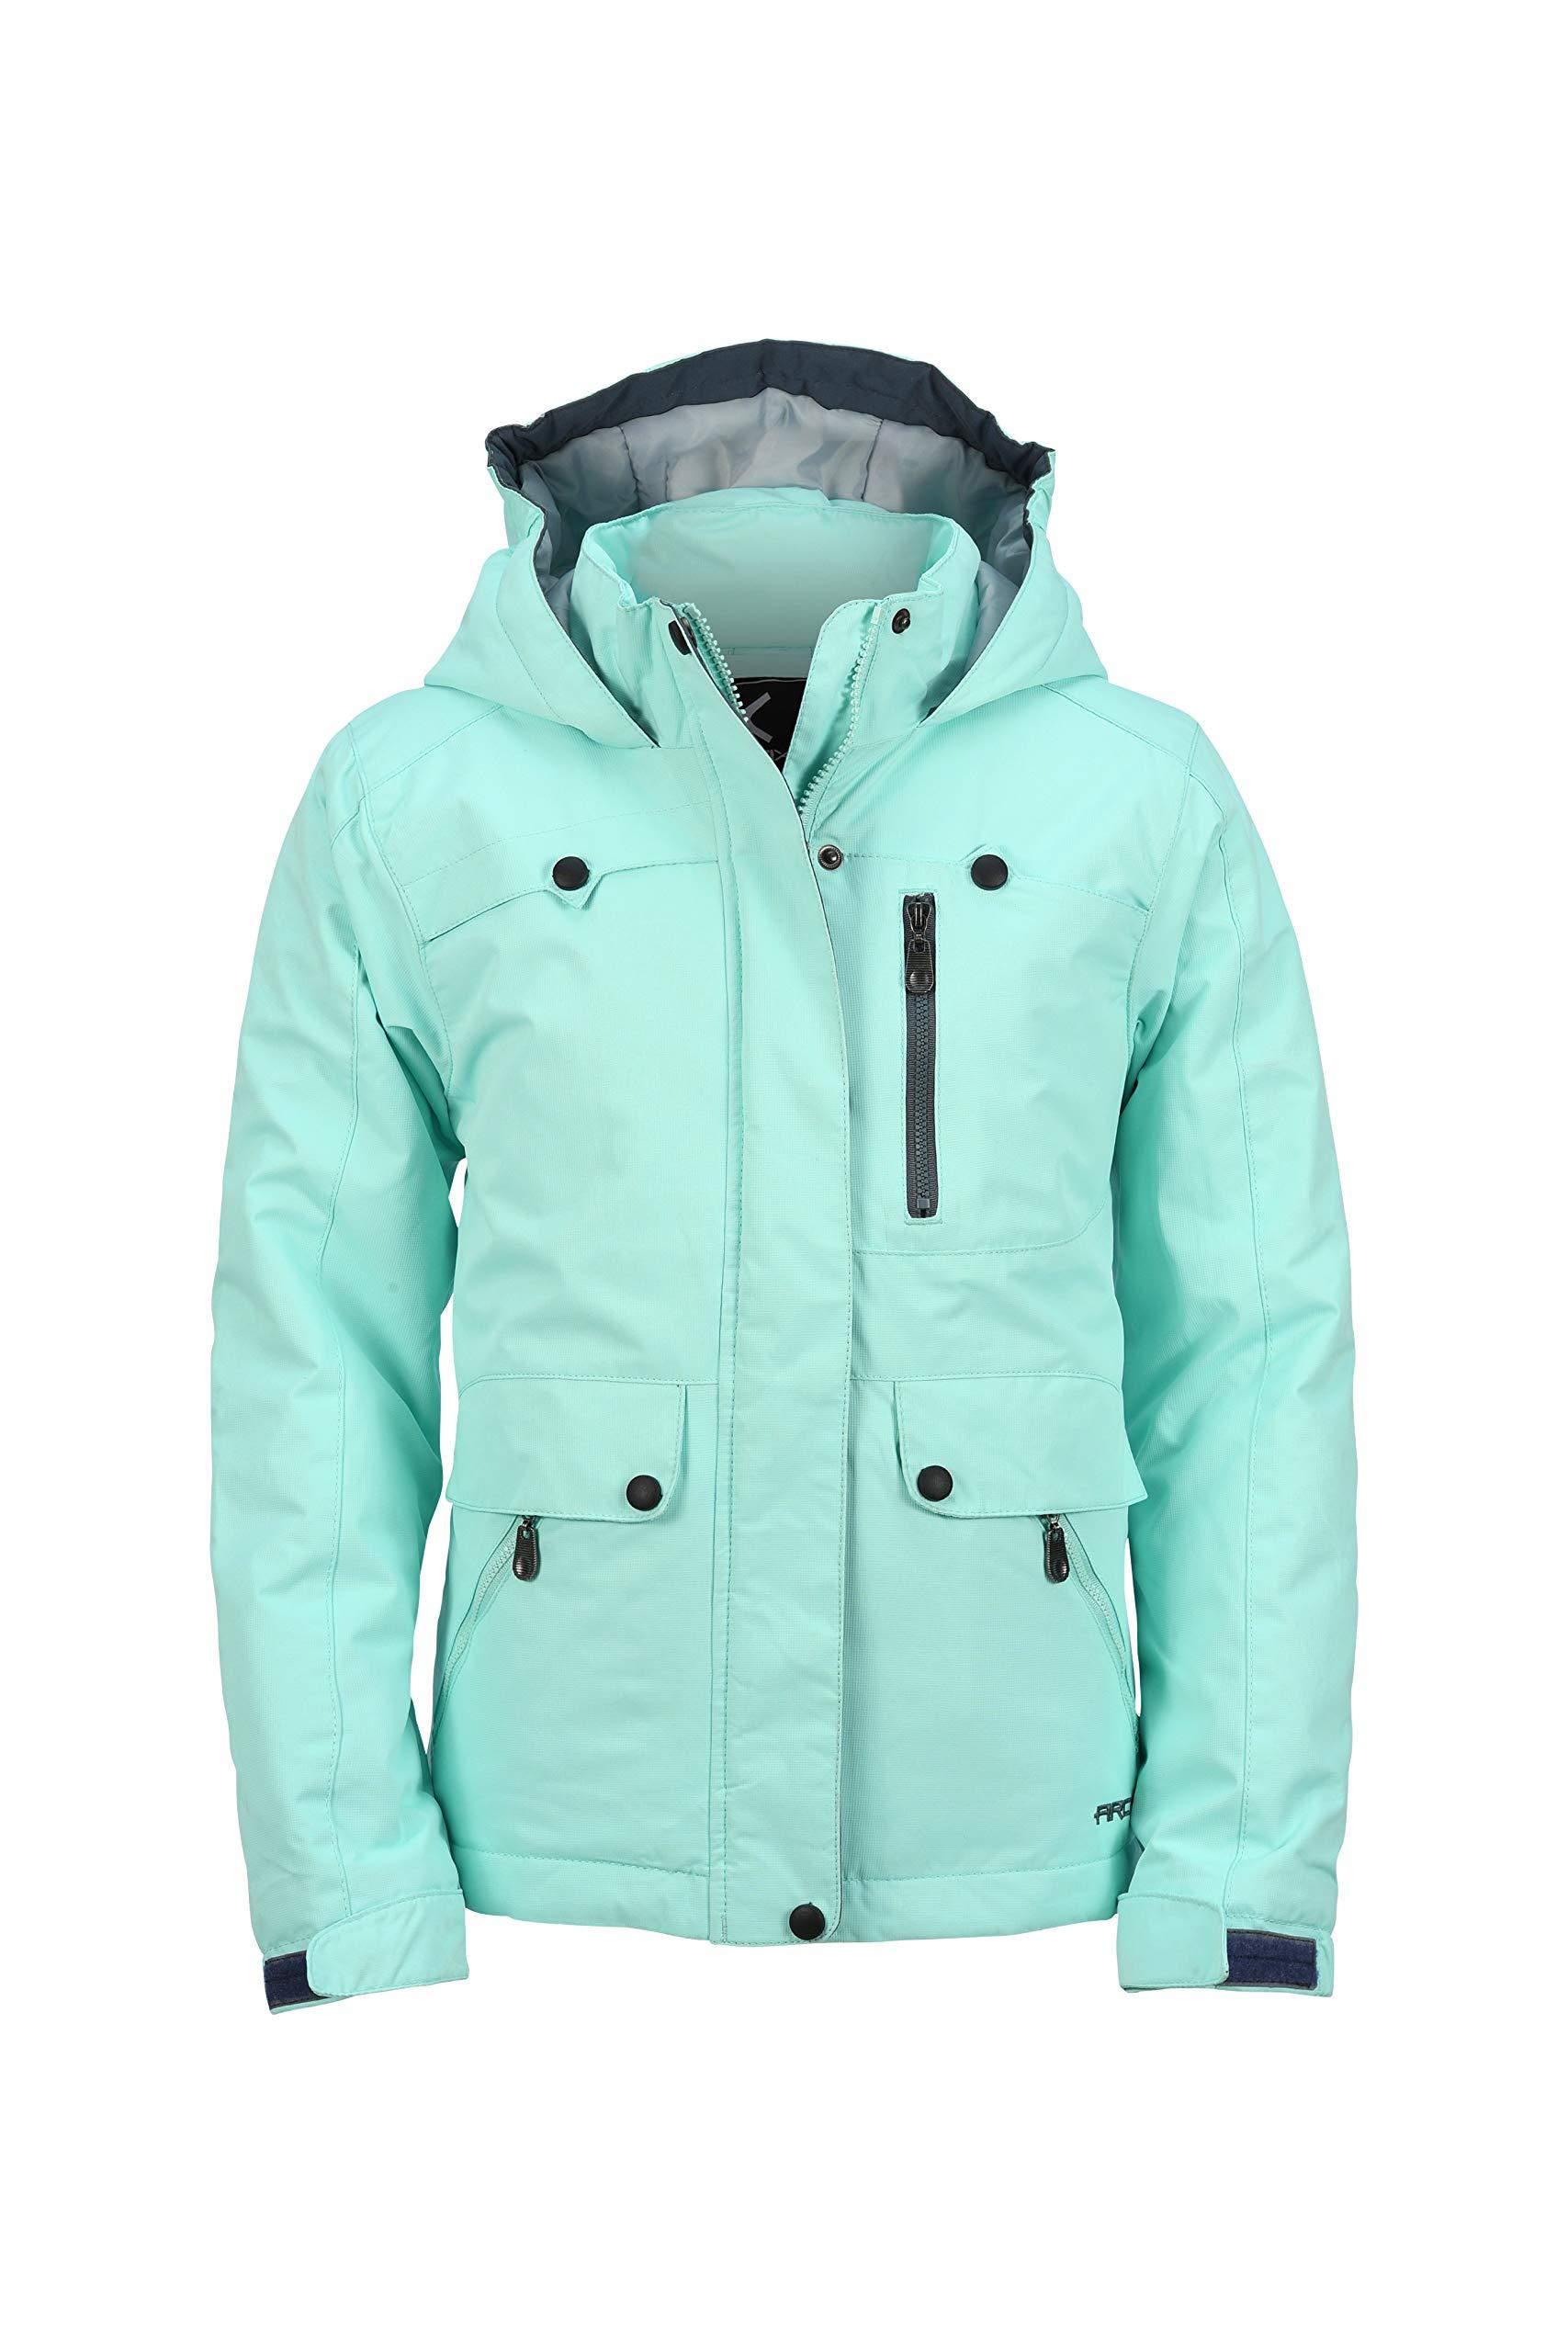 Arctix Girls Jackalope Insulated Winter Jacket, Island Azure, Large by Arctix